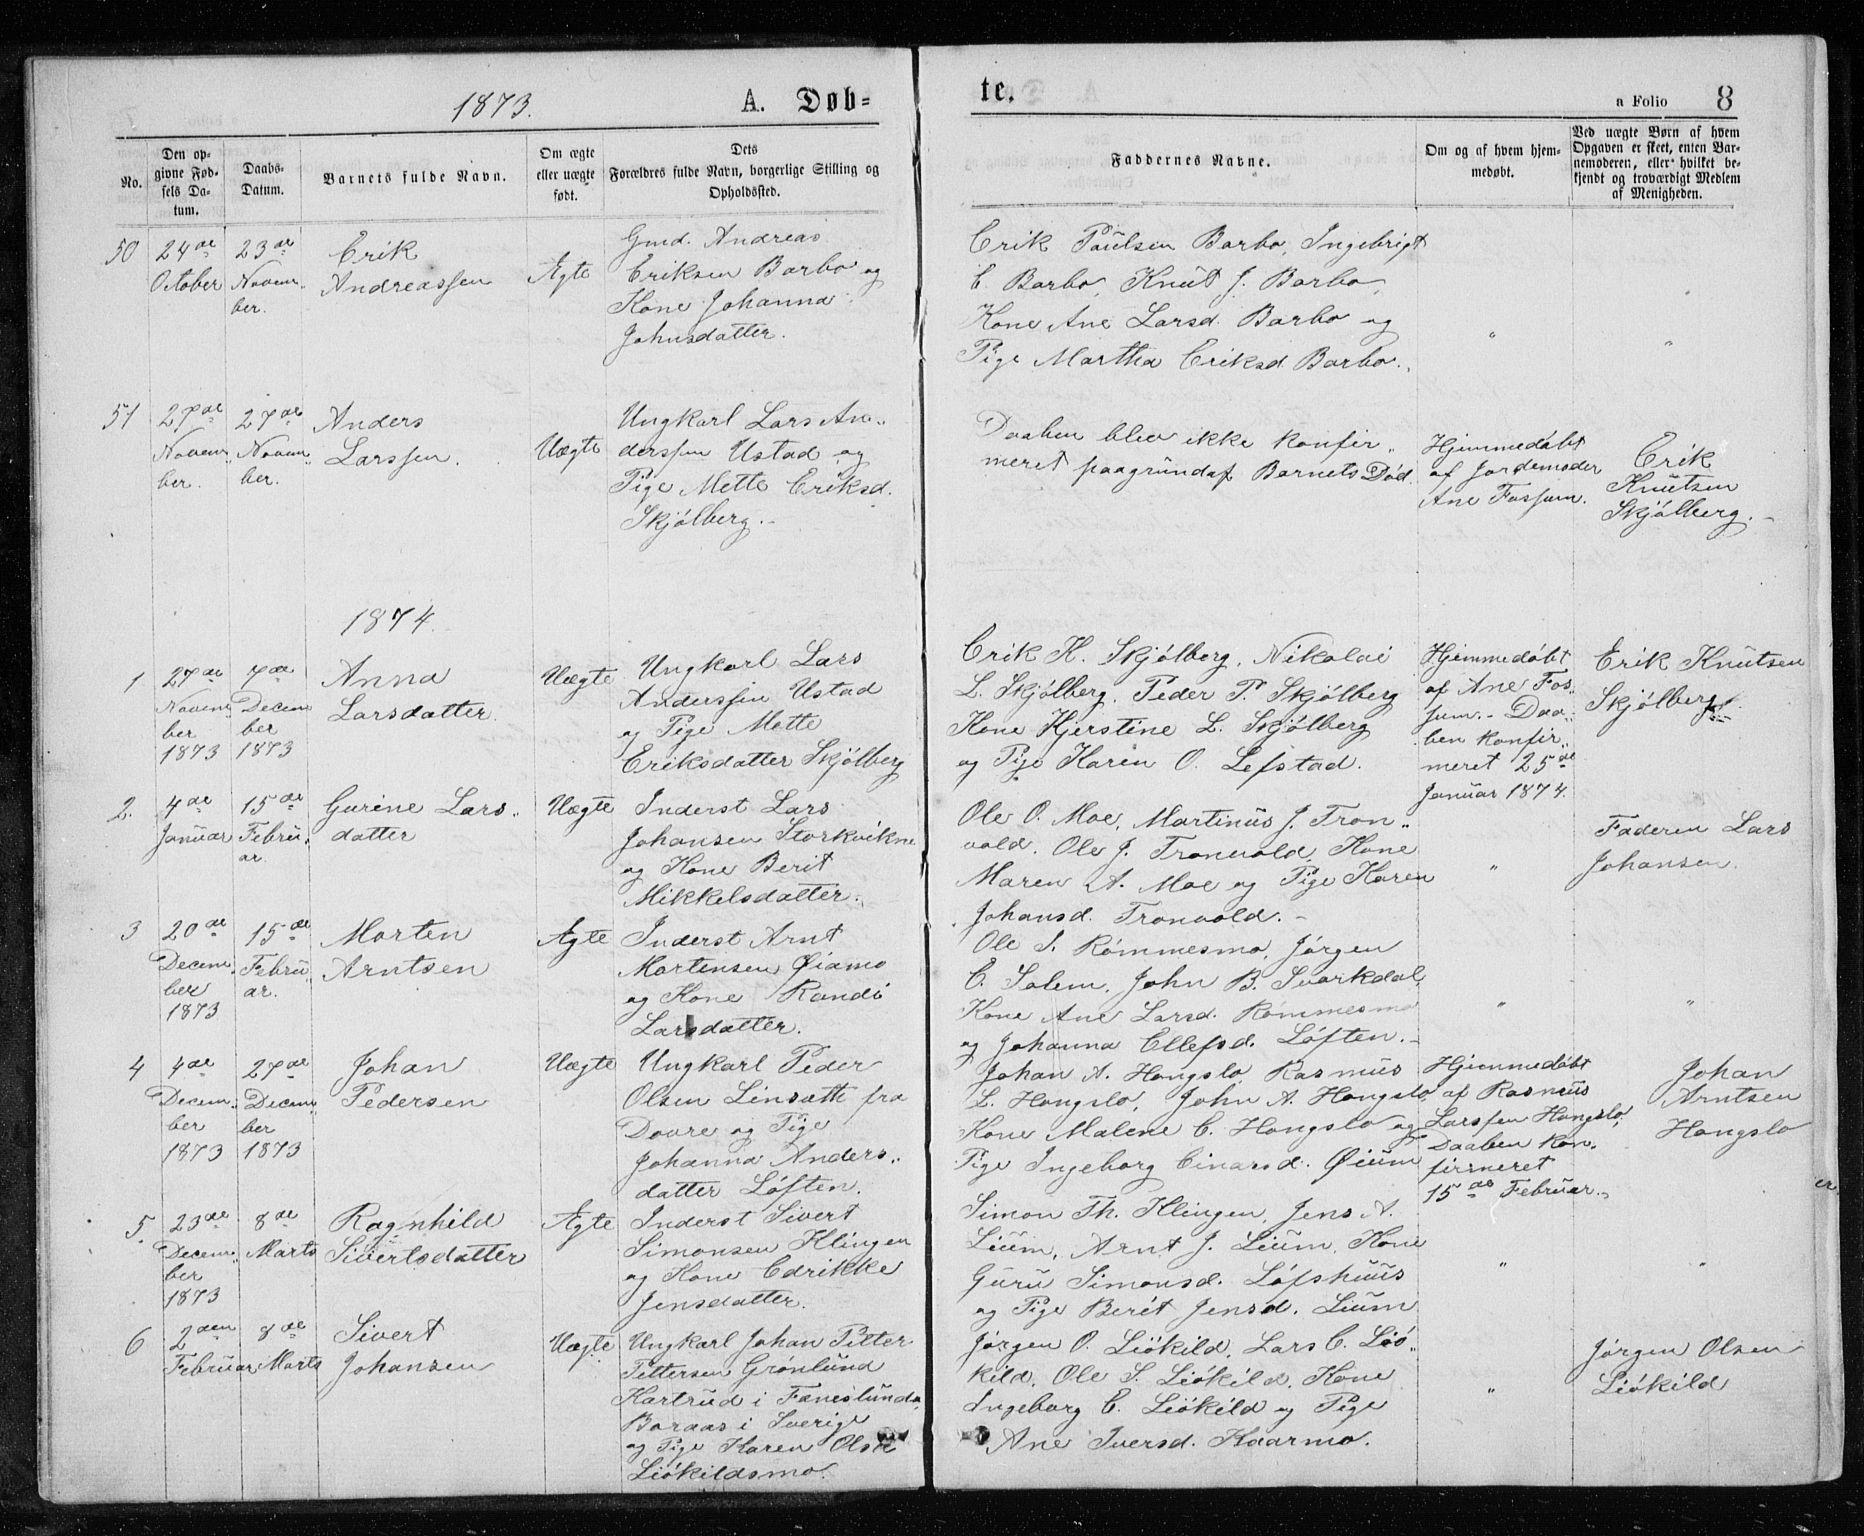 SAT, Ministerialprotokoller, klokkerbøker og fødselsregistre - Sør-Trøndelag, 671/L0843: Klokkerbok nr. 671C02, 1873-1892, s. 8